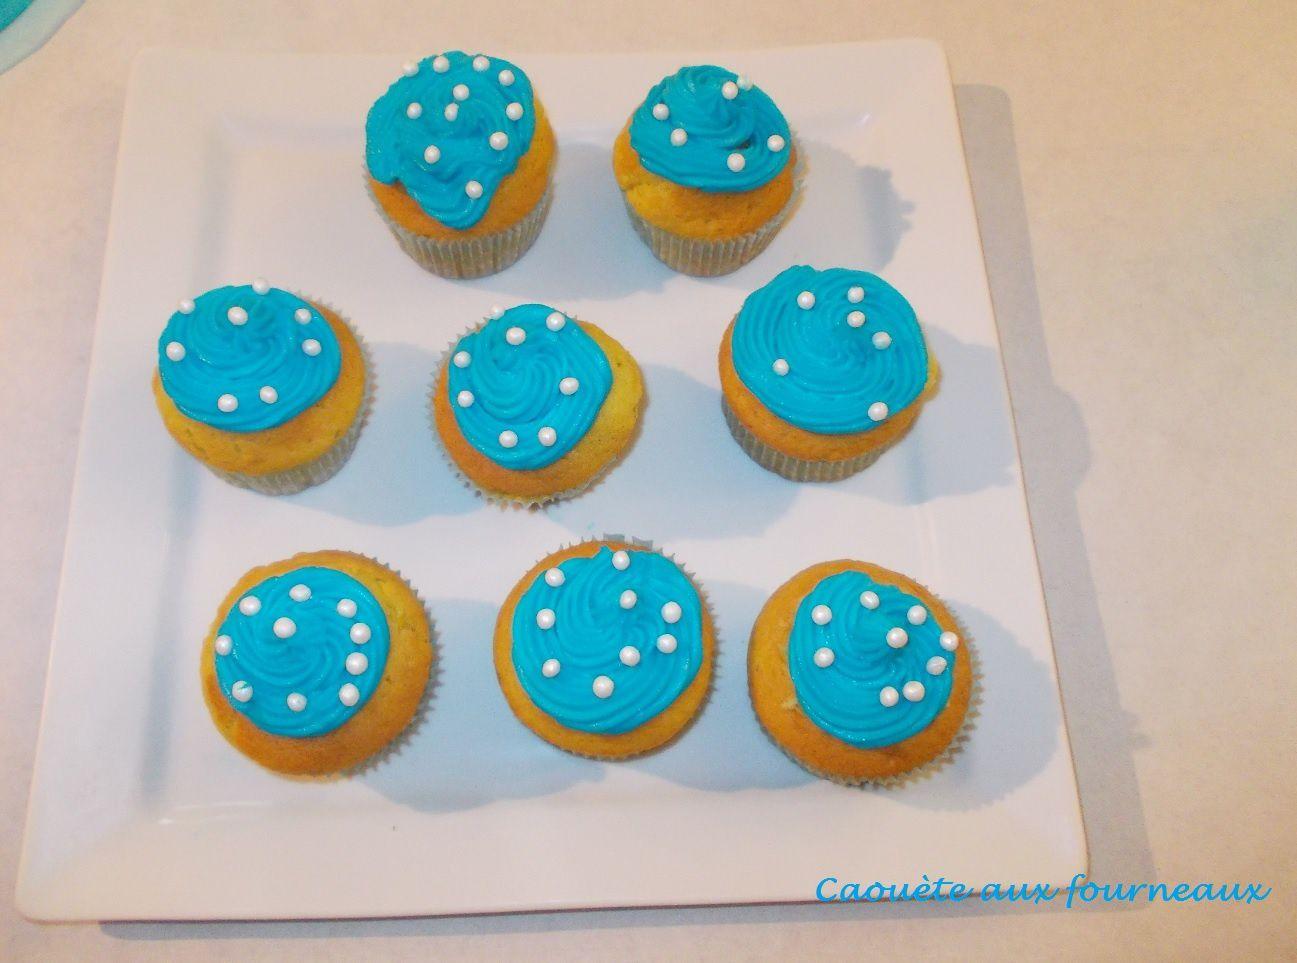 Cupcakes bleu turquoise pour un goûter régressif...